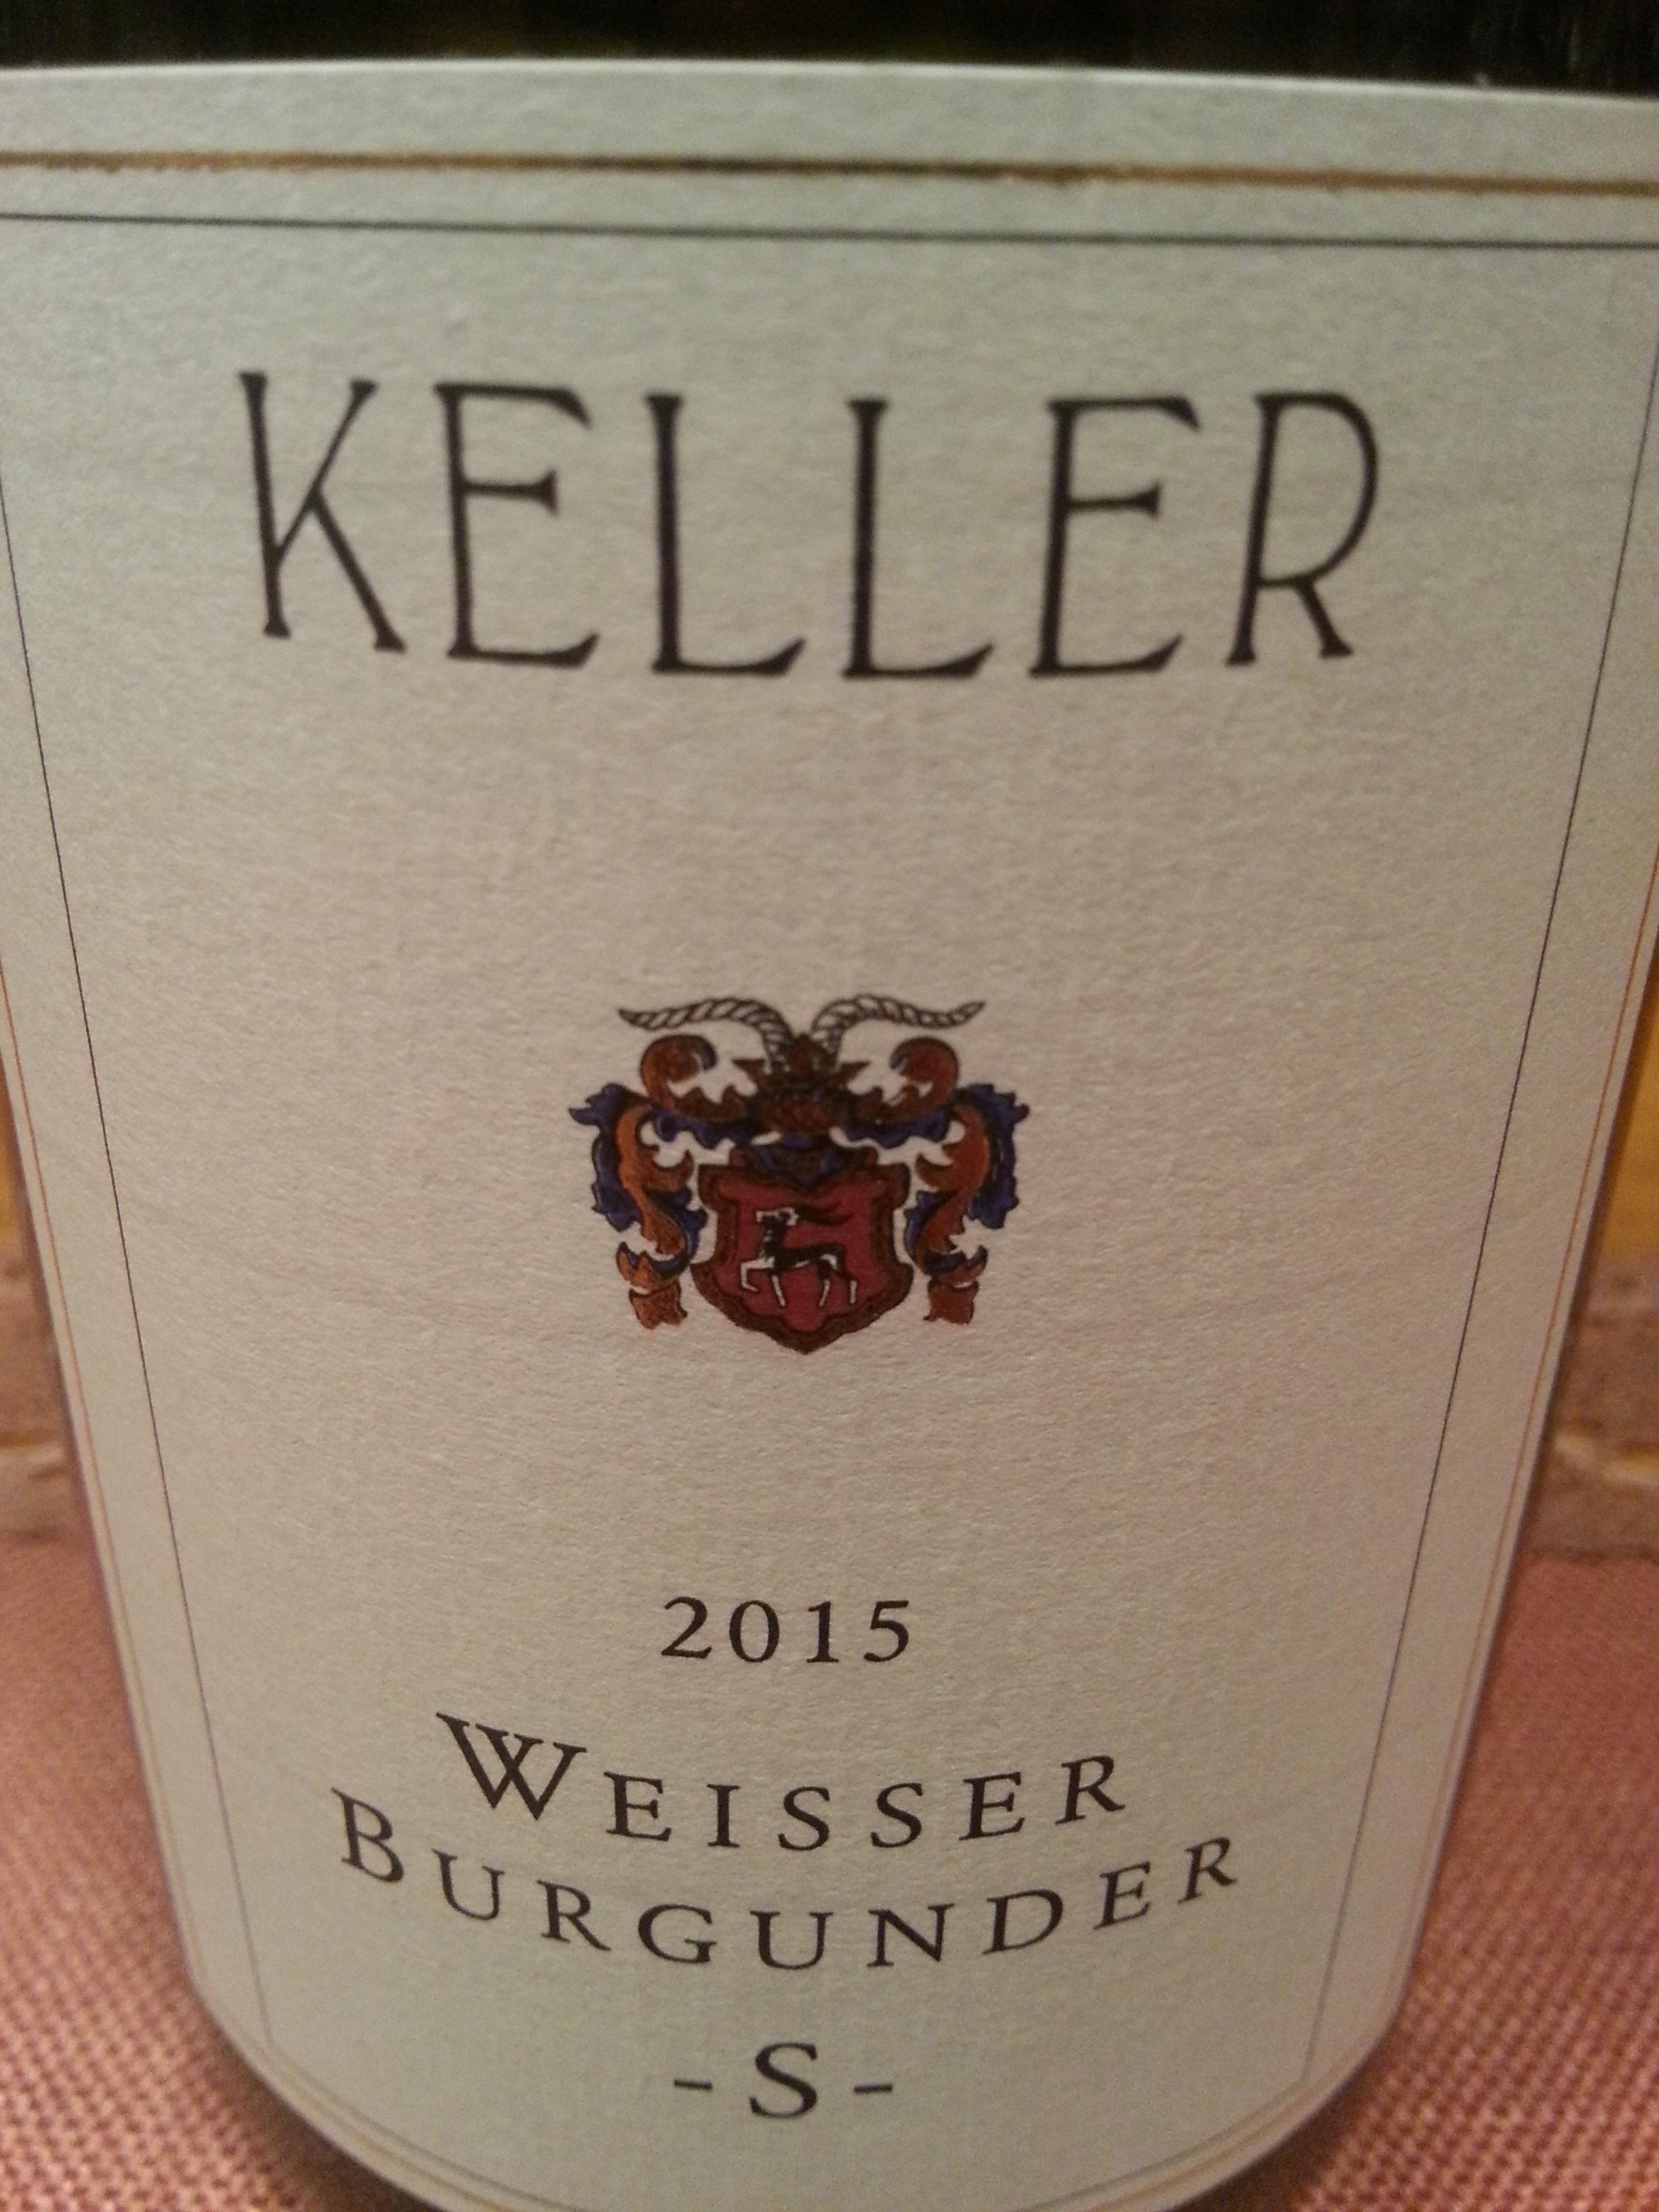 2015 Weißer Burgunder S | Keller